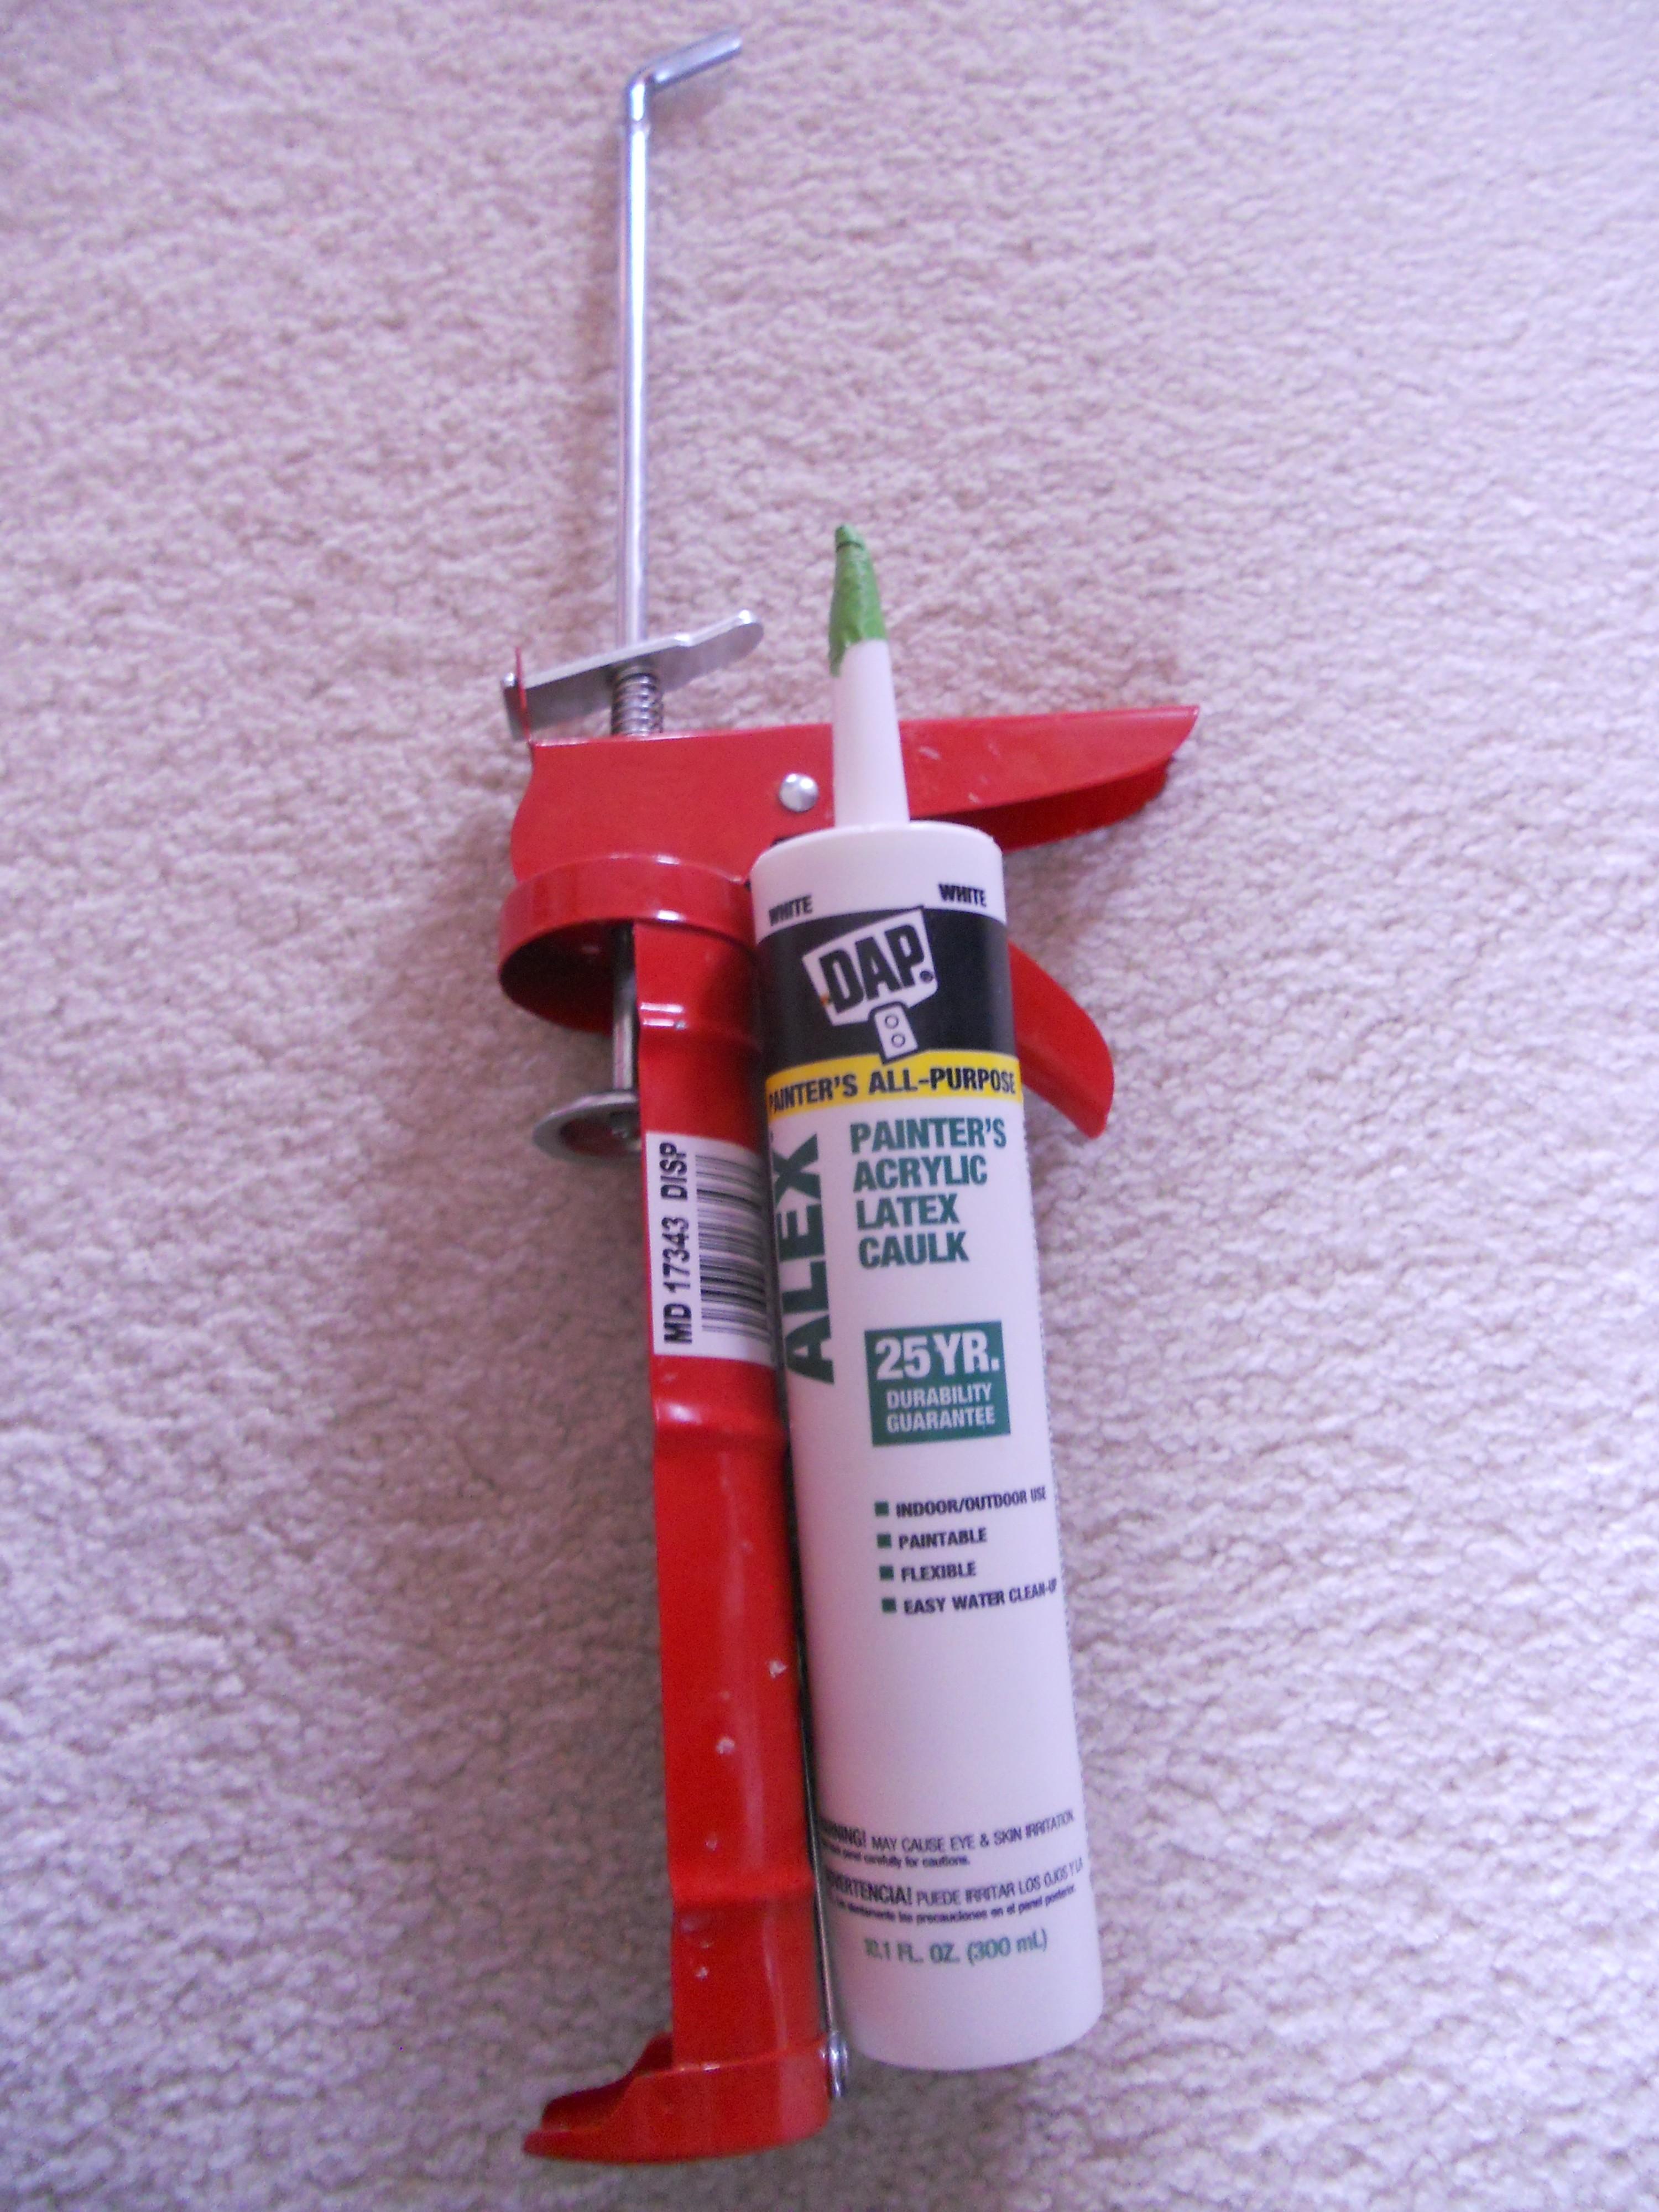 Silicon gun. the green tube is a caulk not a silicon.